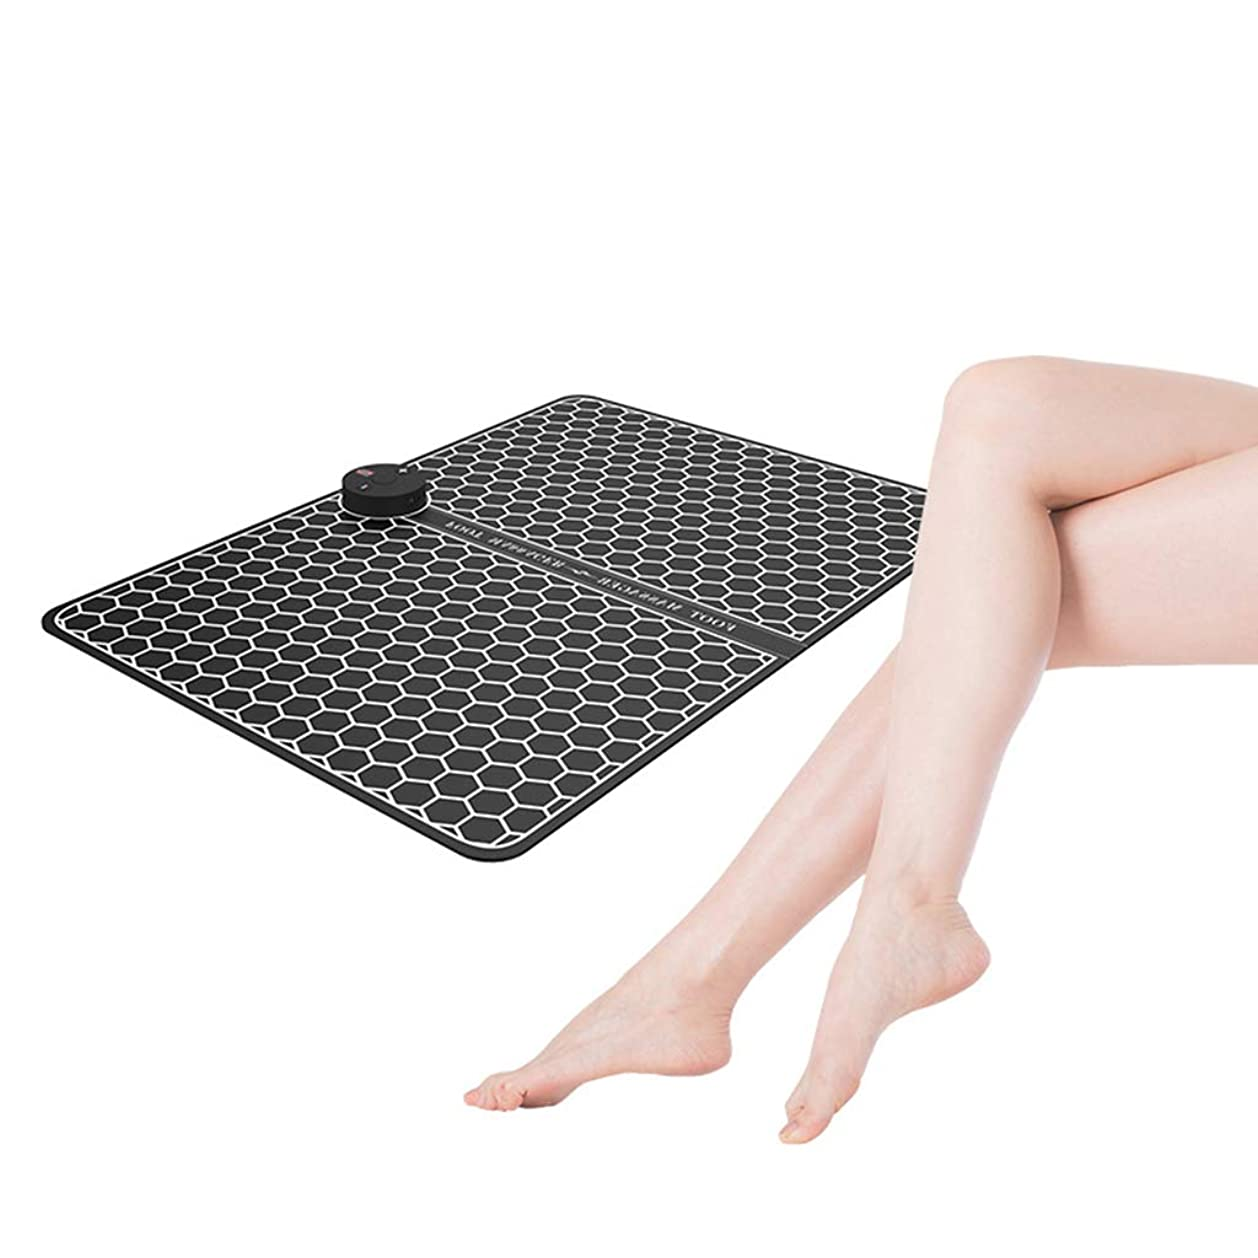 ベギン専門取り付け理性的な理学療法の脈拍のマッサージャー、電気EMSの足のマッサージャーのABS理学療法の生き返らせるペディキュア10の足のバイブレーター無線フィート筋肉刺激物男女兼用